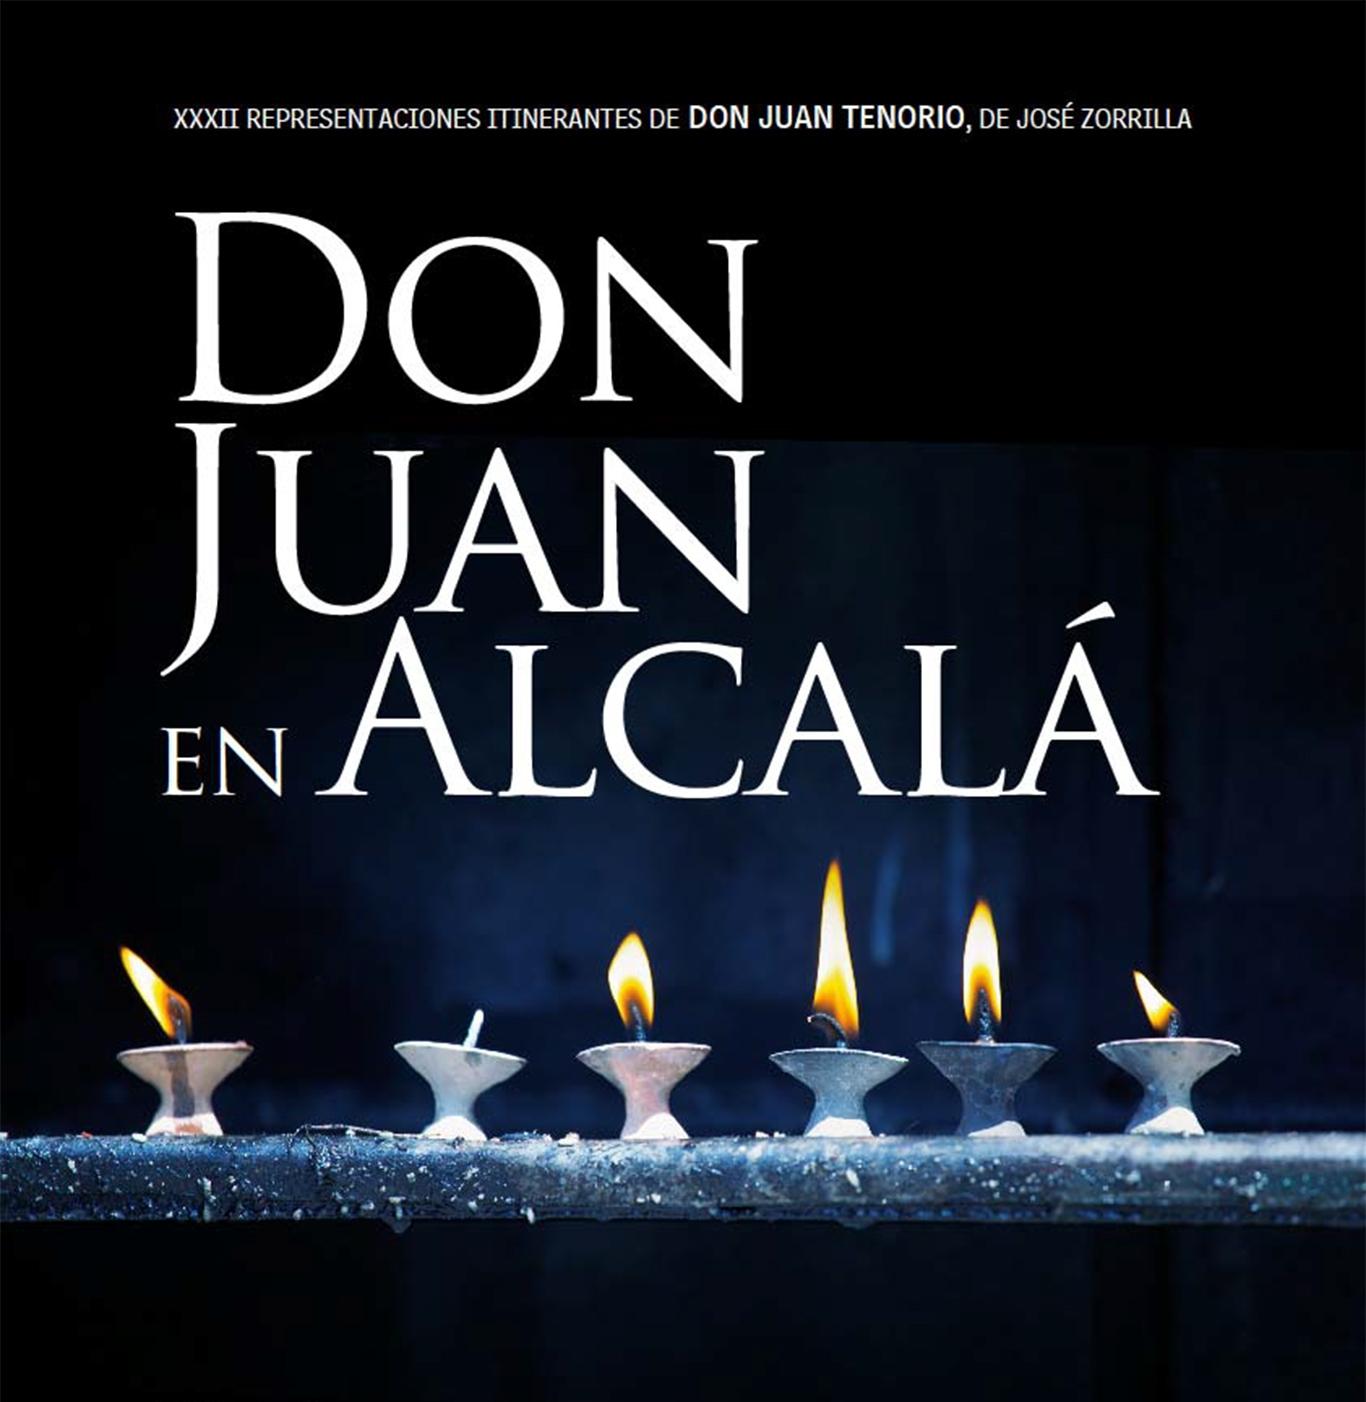 Don Juan en Alcalá, Fiesta de Interés Turístico Nacional